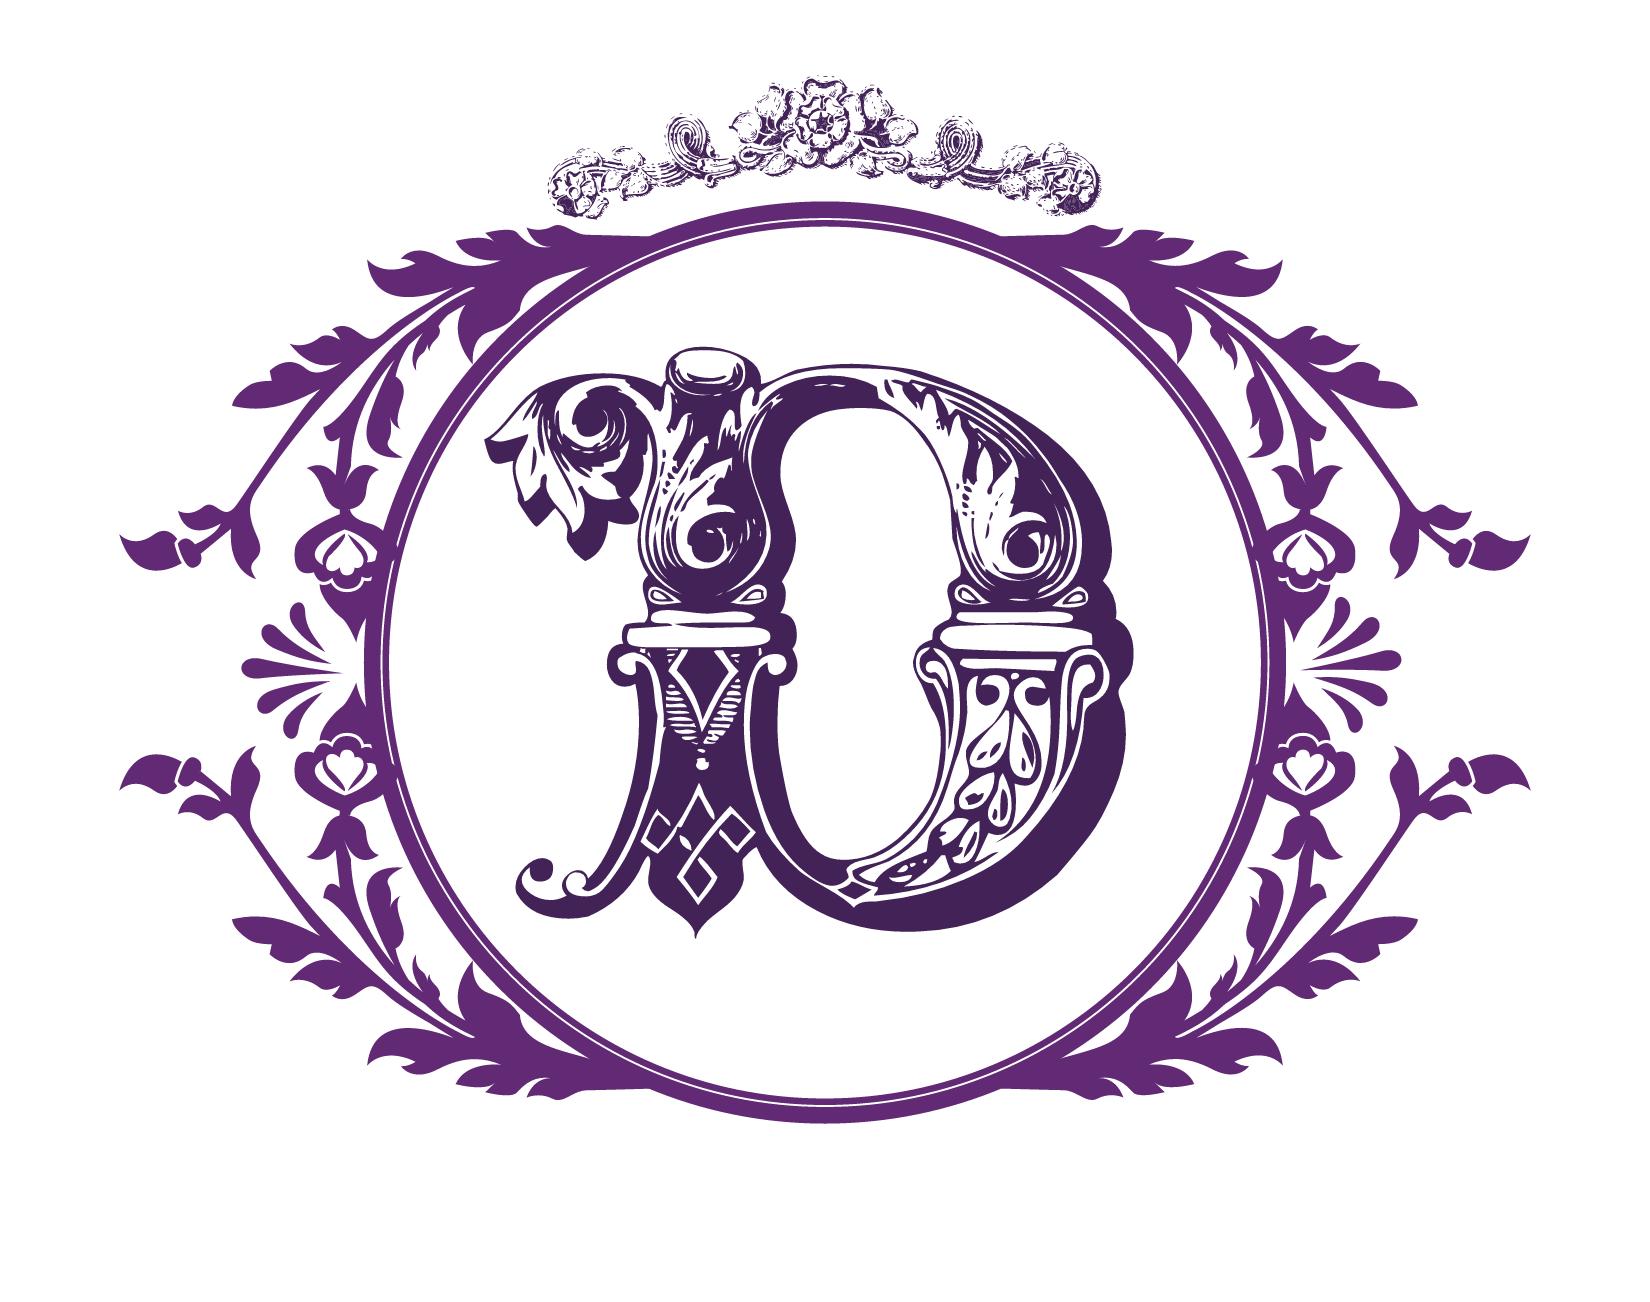 ornate letter d with border ornatedesign